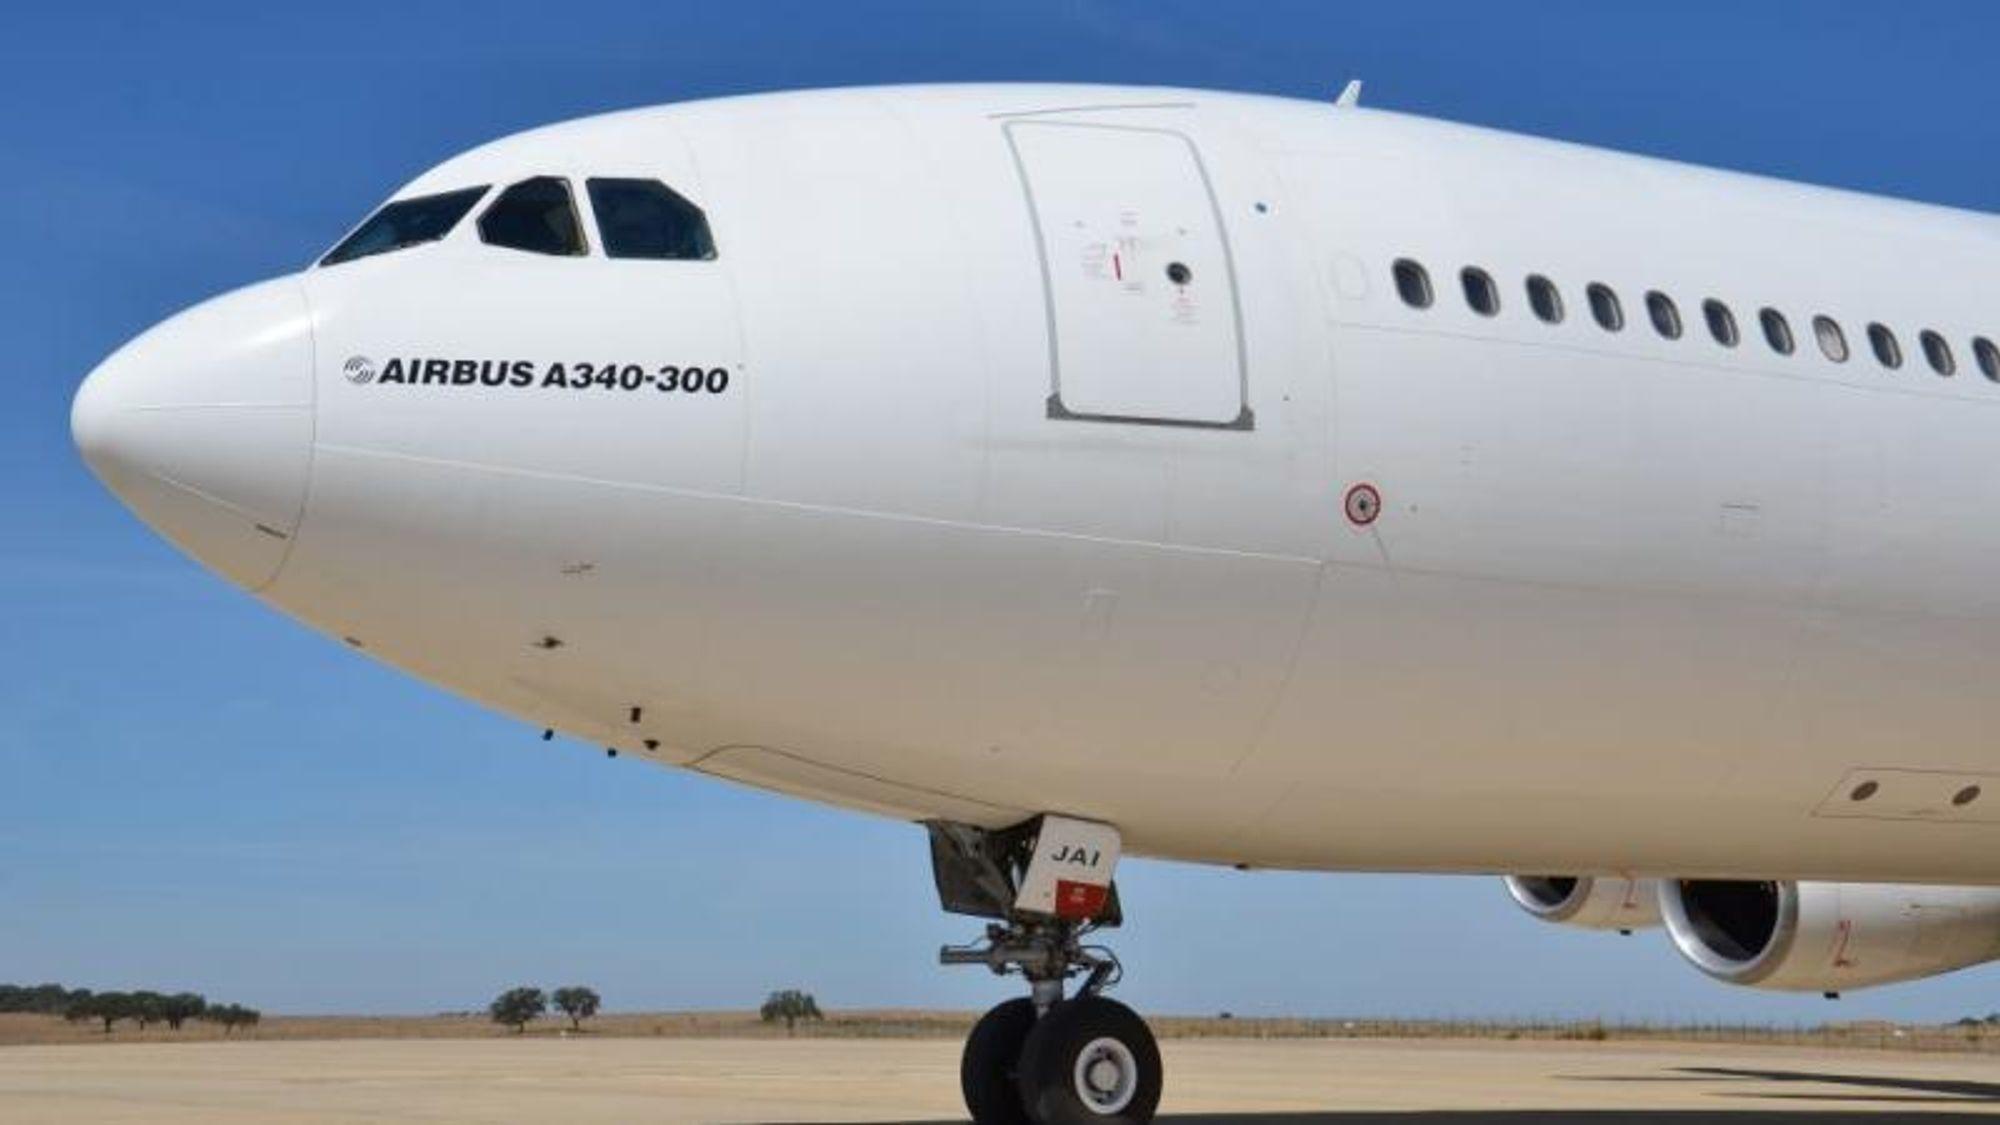 En Airbus 340-300, som var wetleaset fra portugisiske Hi-Fly av Norwegian, spredte drivstoff over store deler av den lengste rullebanen ved Orlandos flyplass.